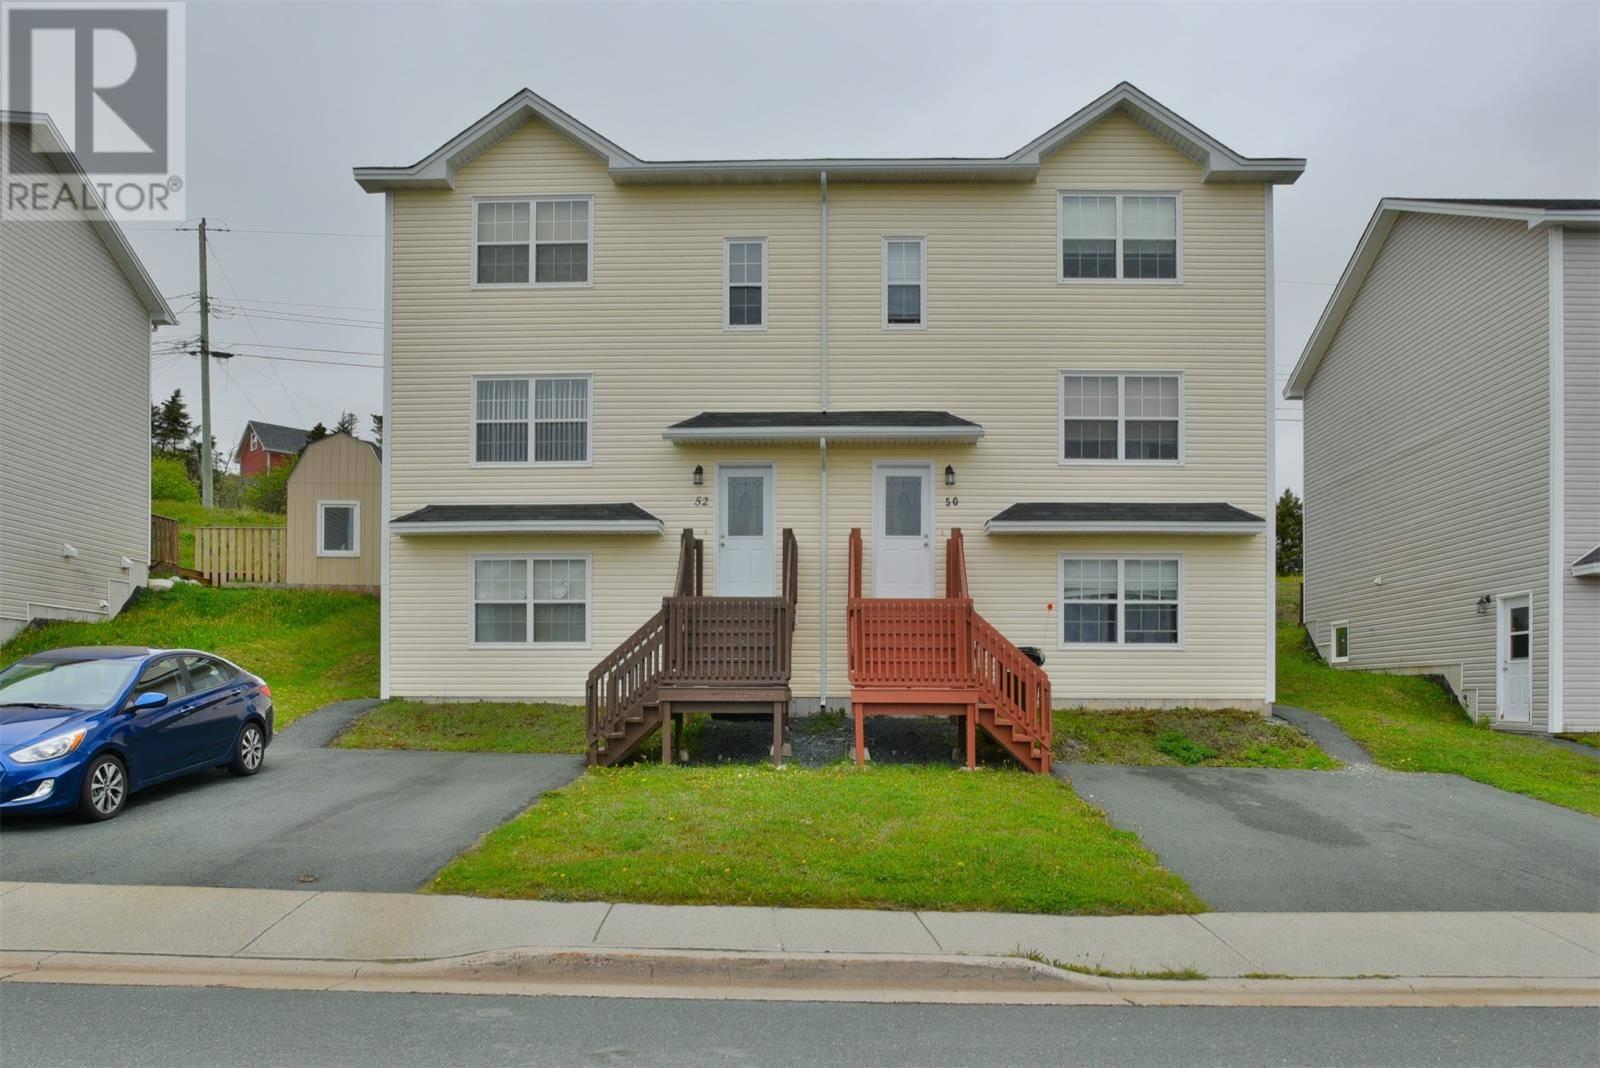 House for sale at 50 Faulkner St St. John's Newfoundland - MLS: 1207239